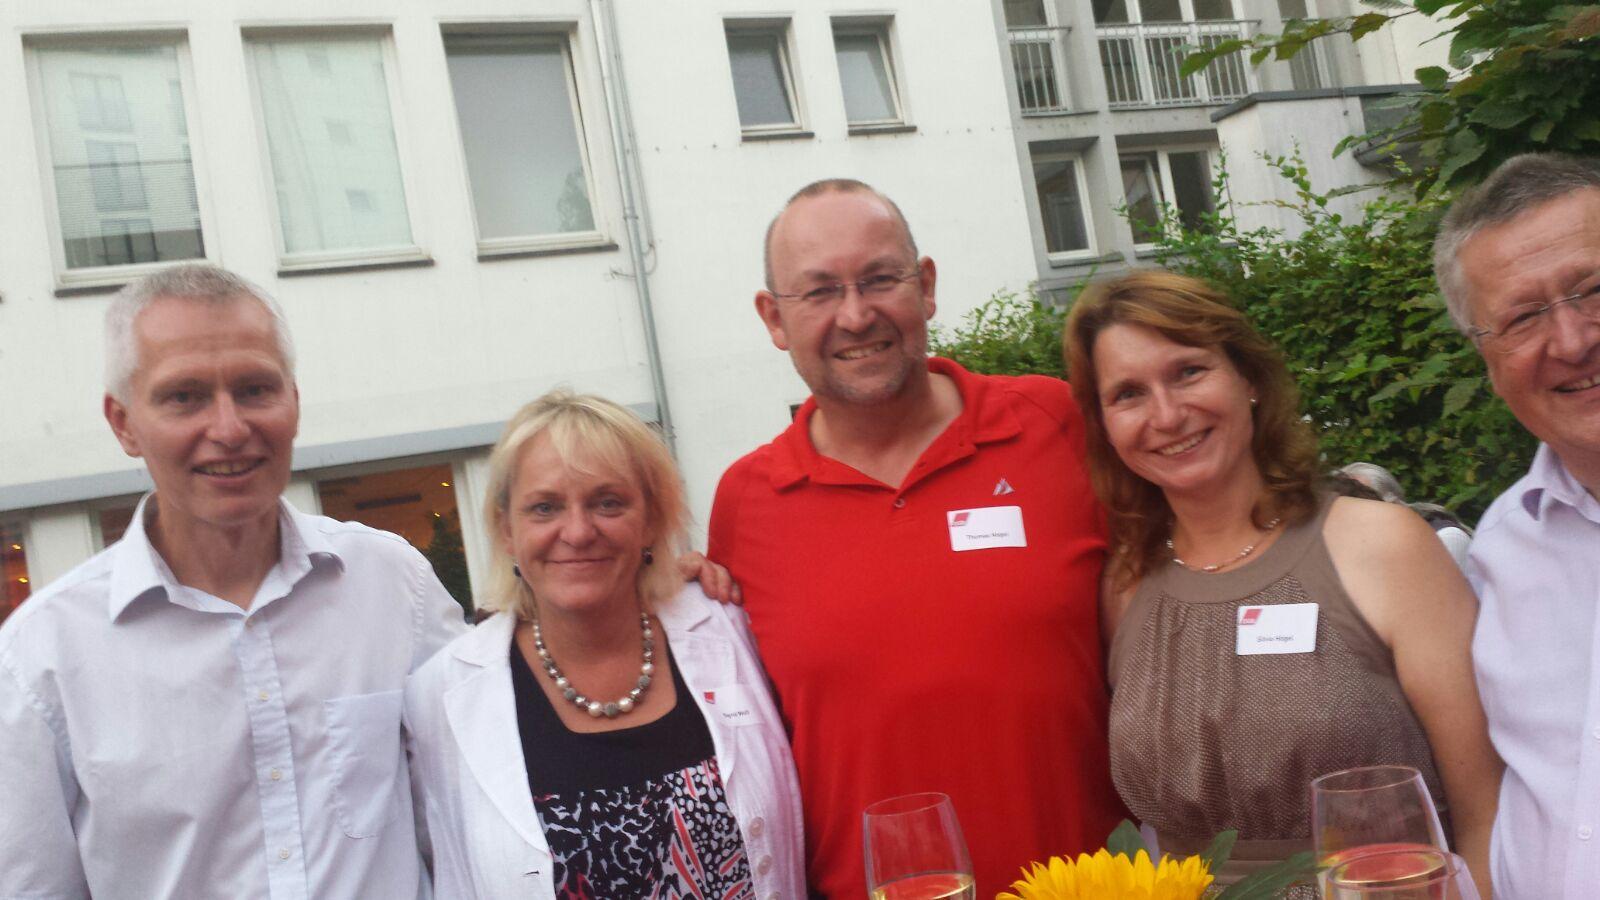 V.l.nr. Klaus Churt, Sigrid Wolf, Thomas Högel, Silvia Högel, Gunter Fischer.